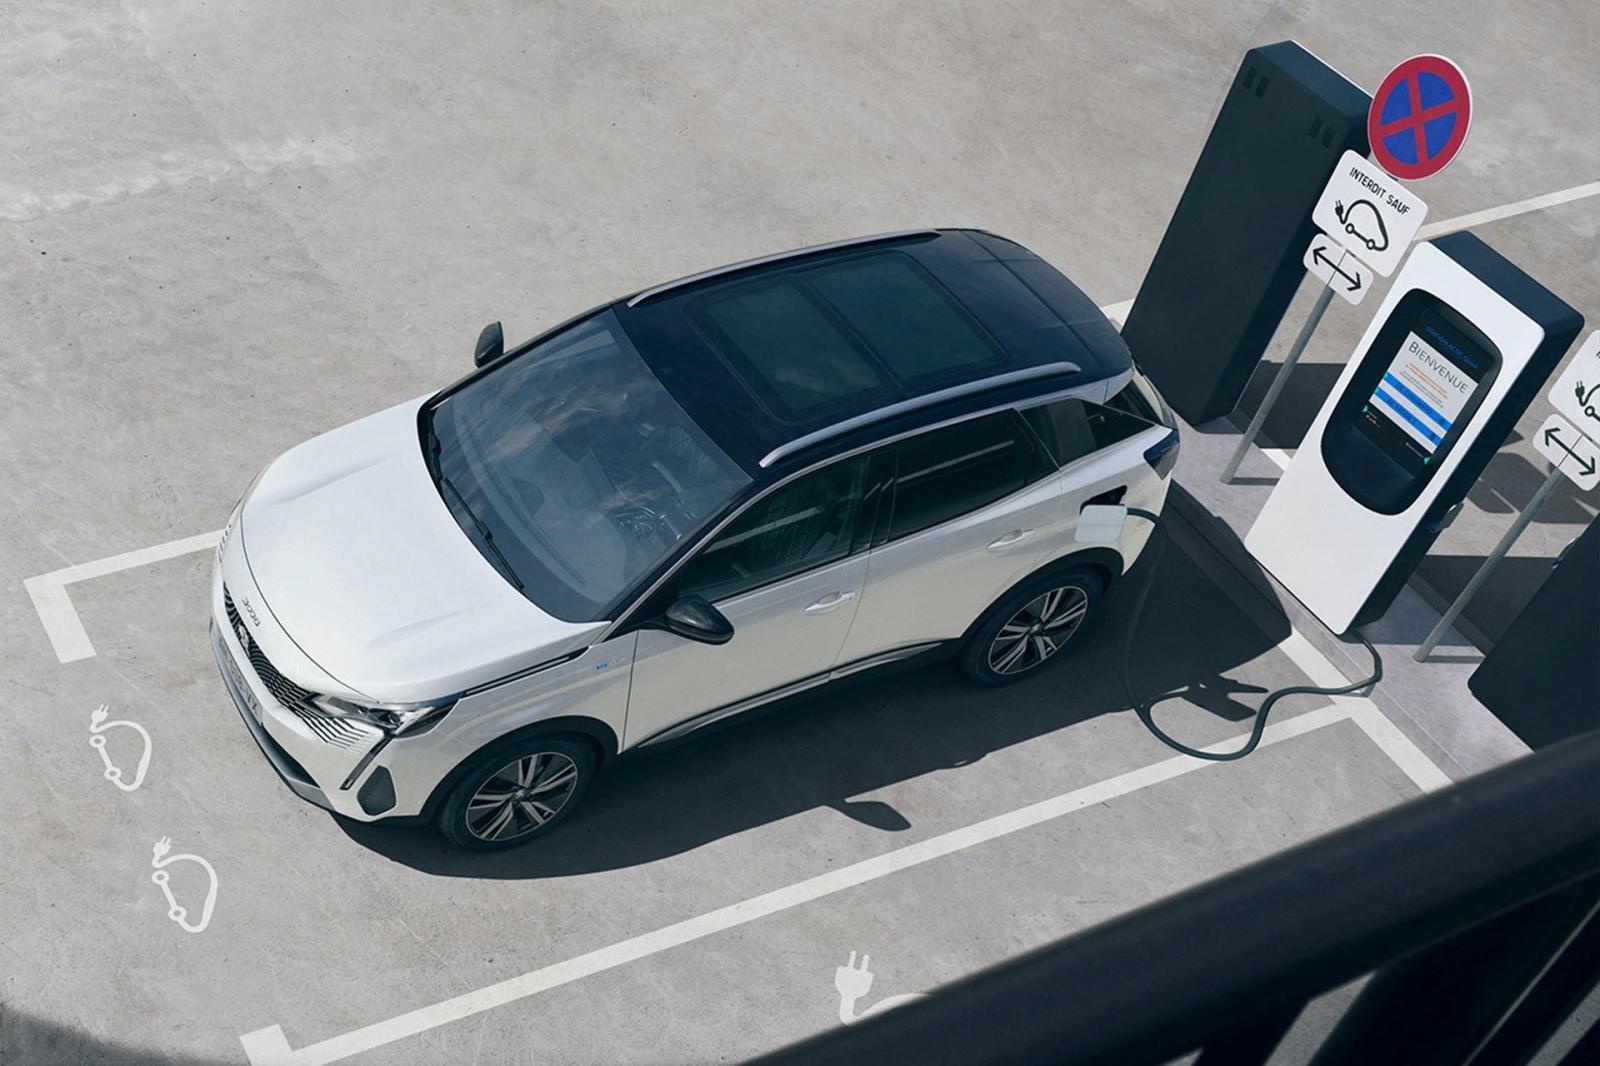 Đánh giá xe Peugeot 3008 2021 về thiết kế thân xe - Ảnh 2.